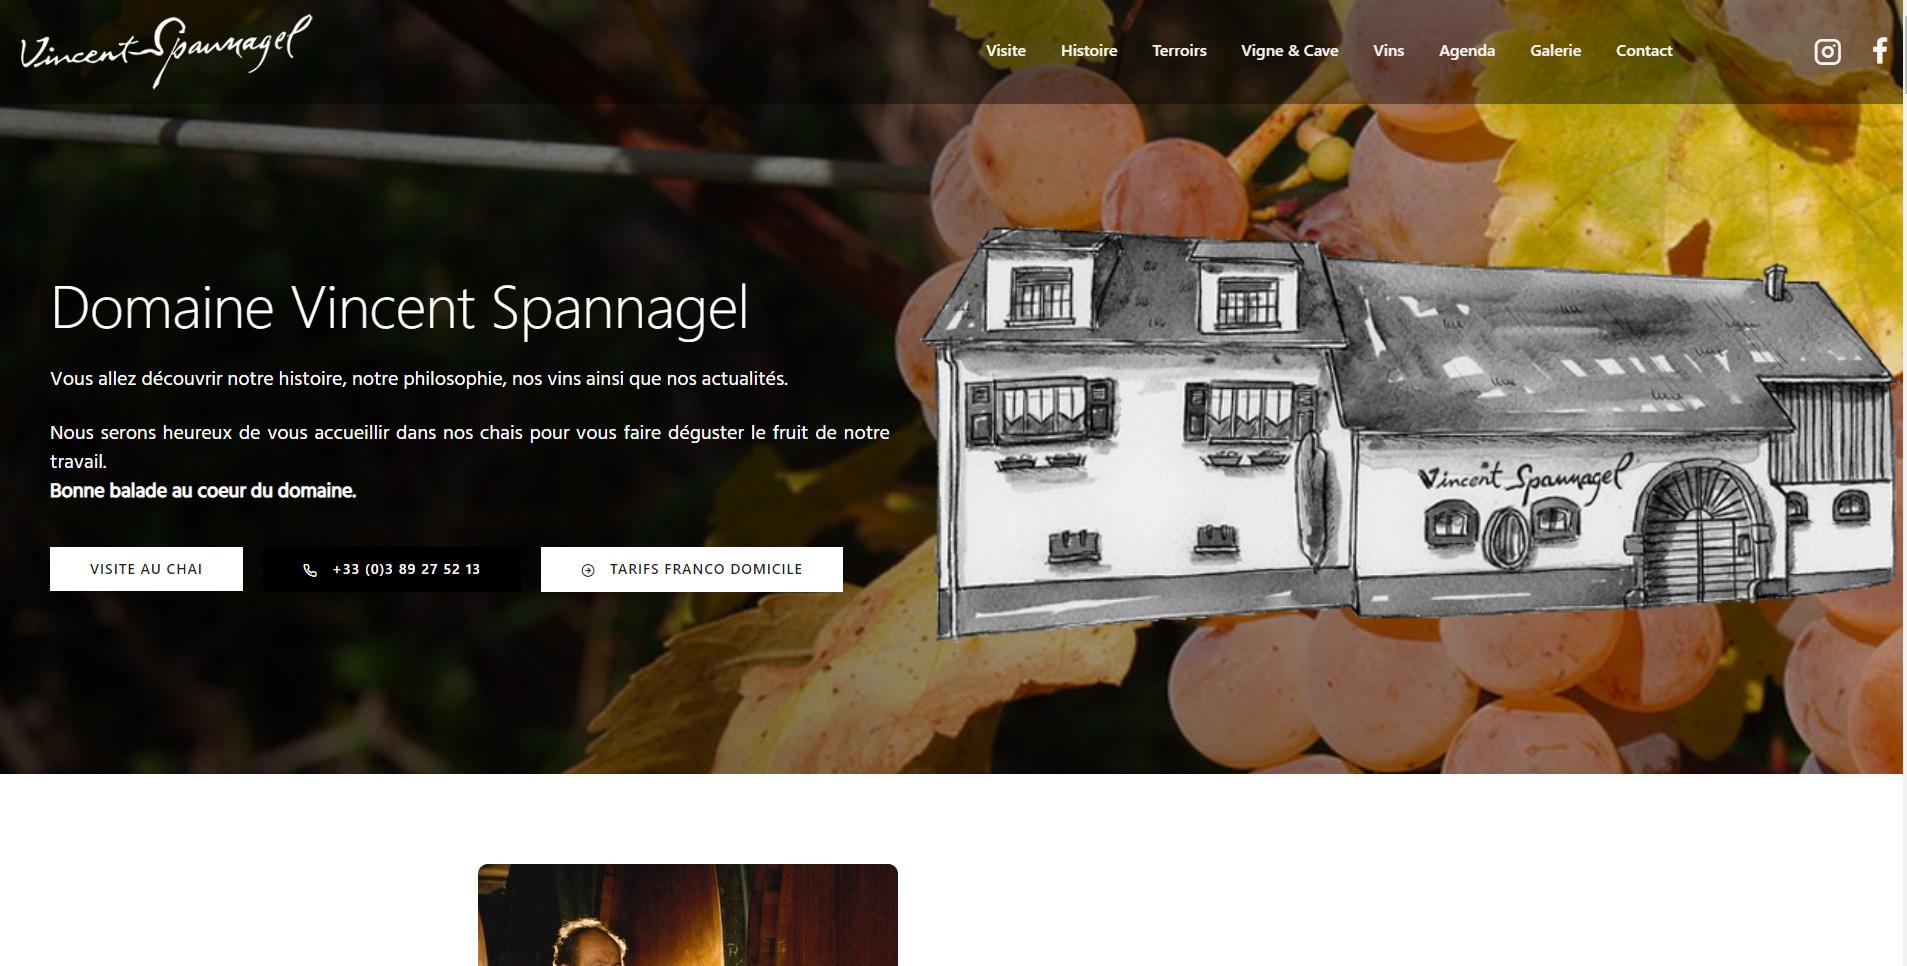 Vincent Spannagel est un client de l'agence web Karedess, agence web situé à Mulhouse